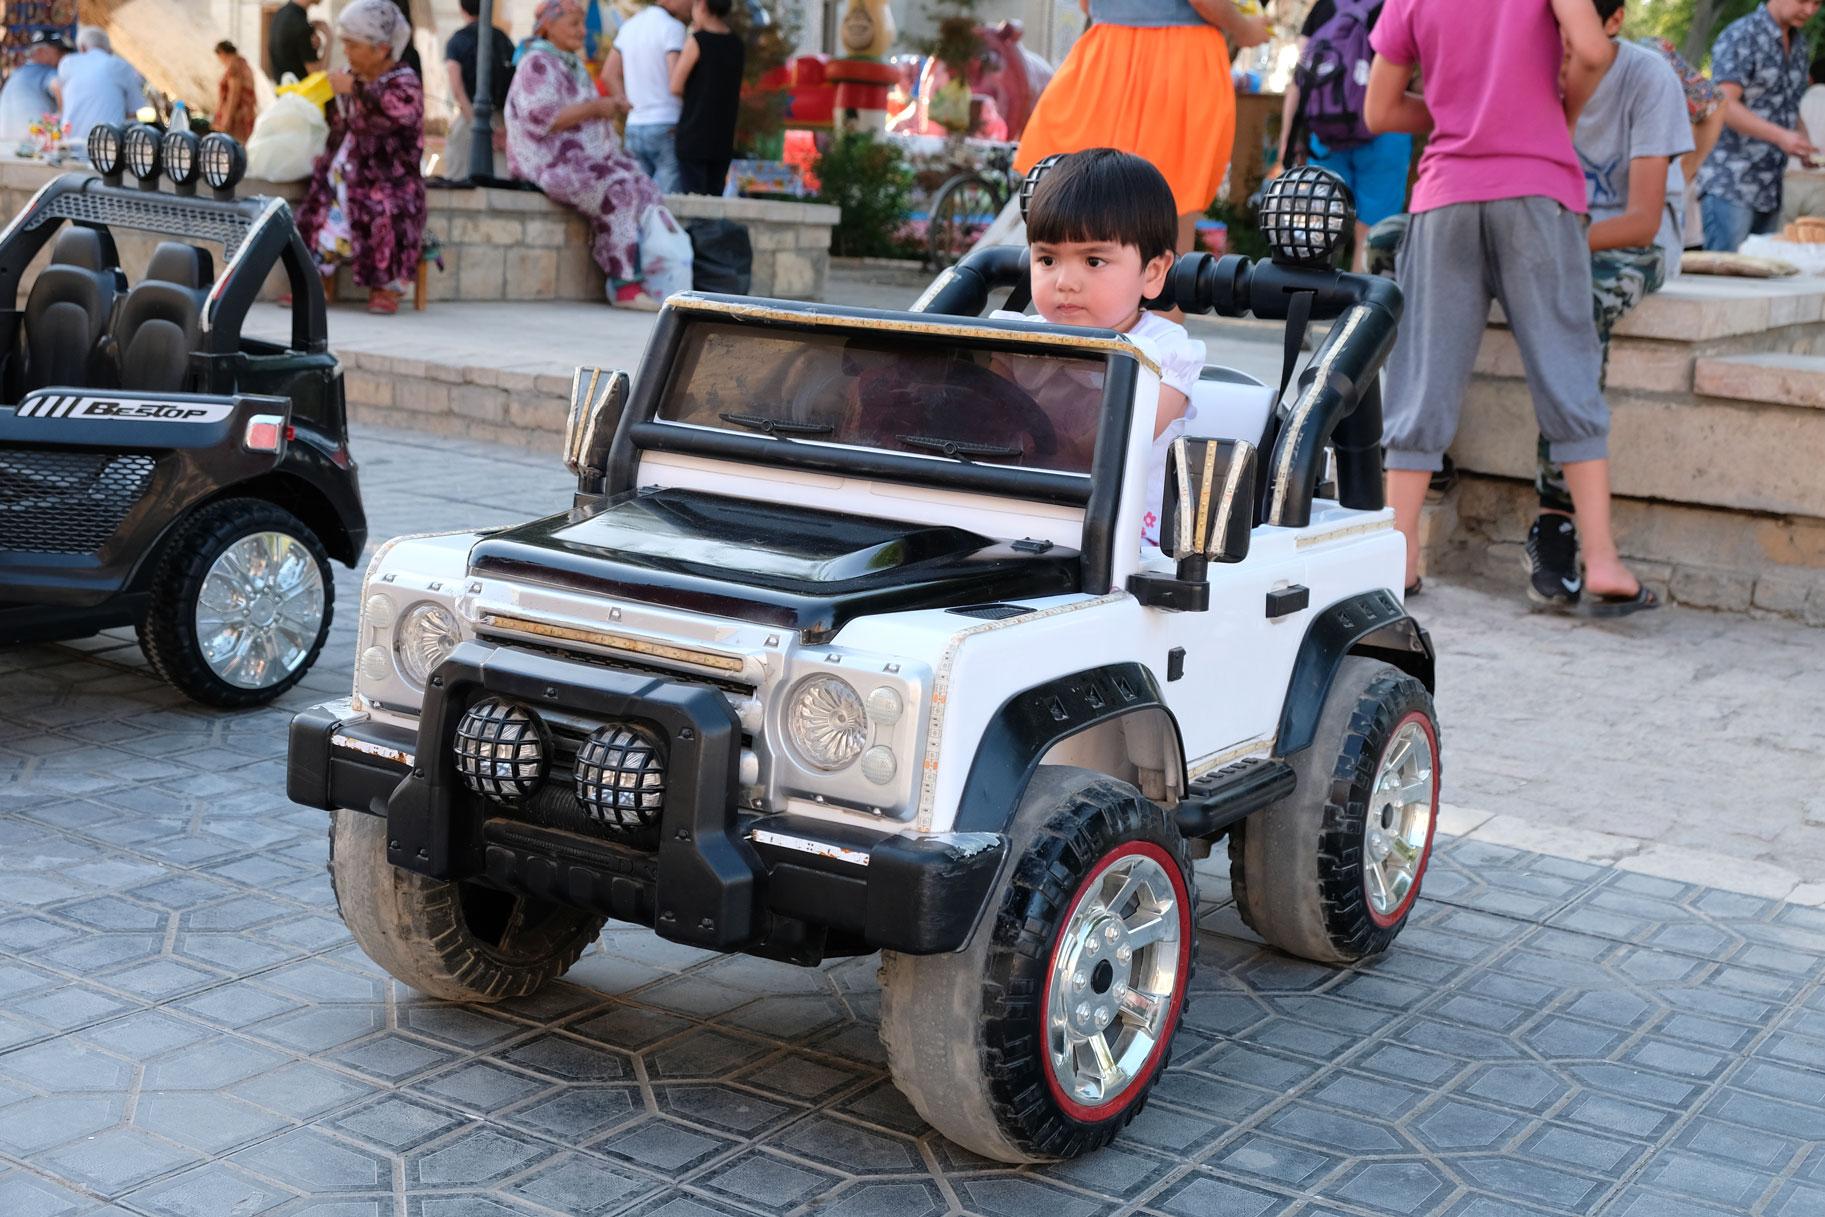 Wie seit dem Iran in jedem Land, sehen wir auch hier die ferngesteuerten Autos für Kinder